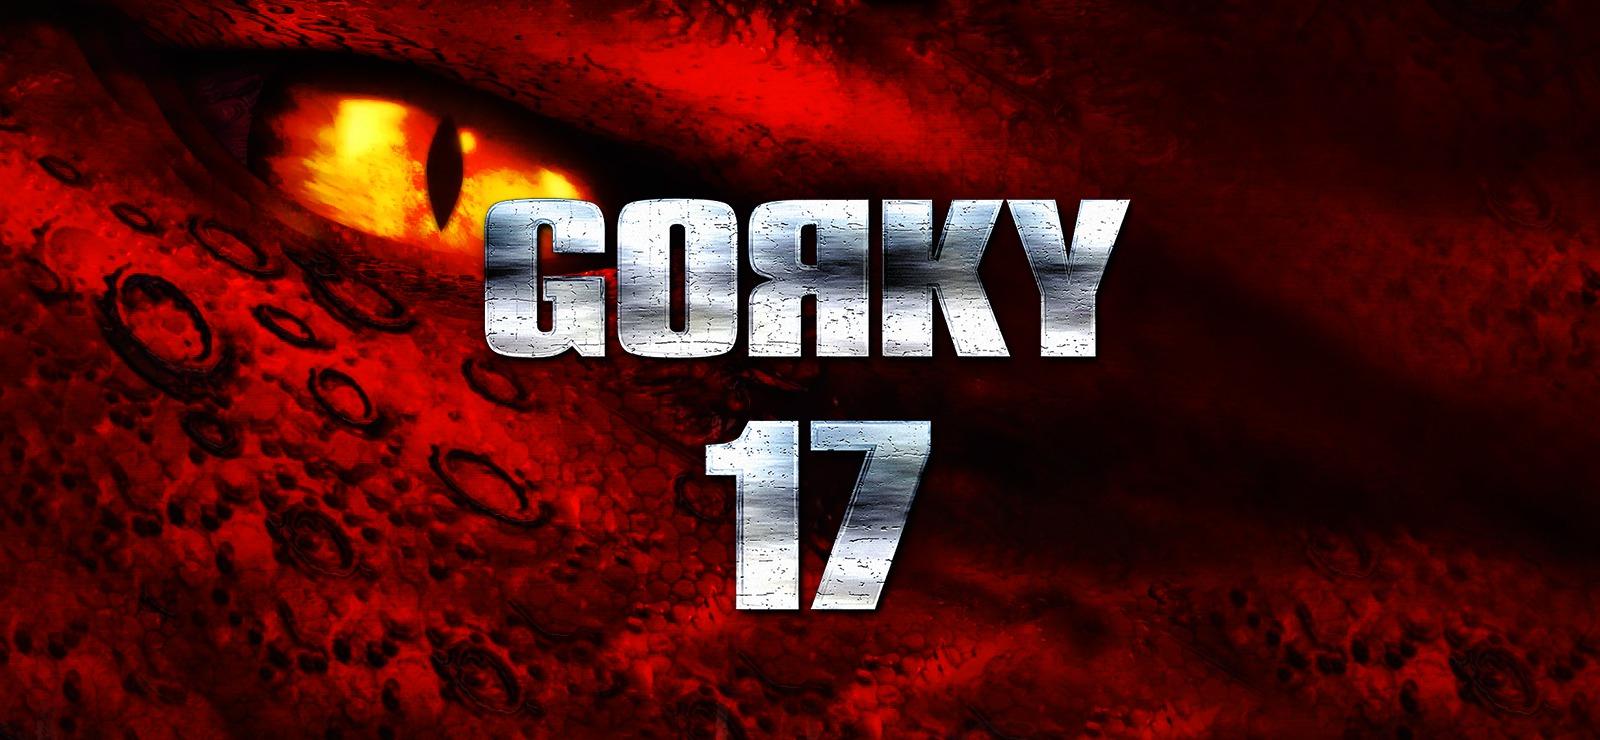 Gorky 17 ponownie za 0,04 zł + prowizja